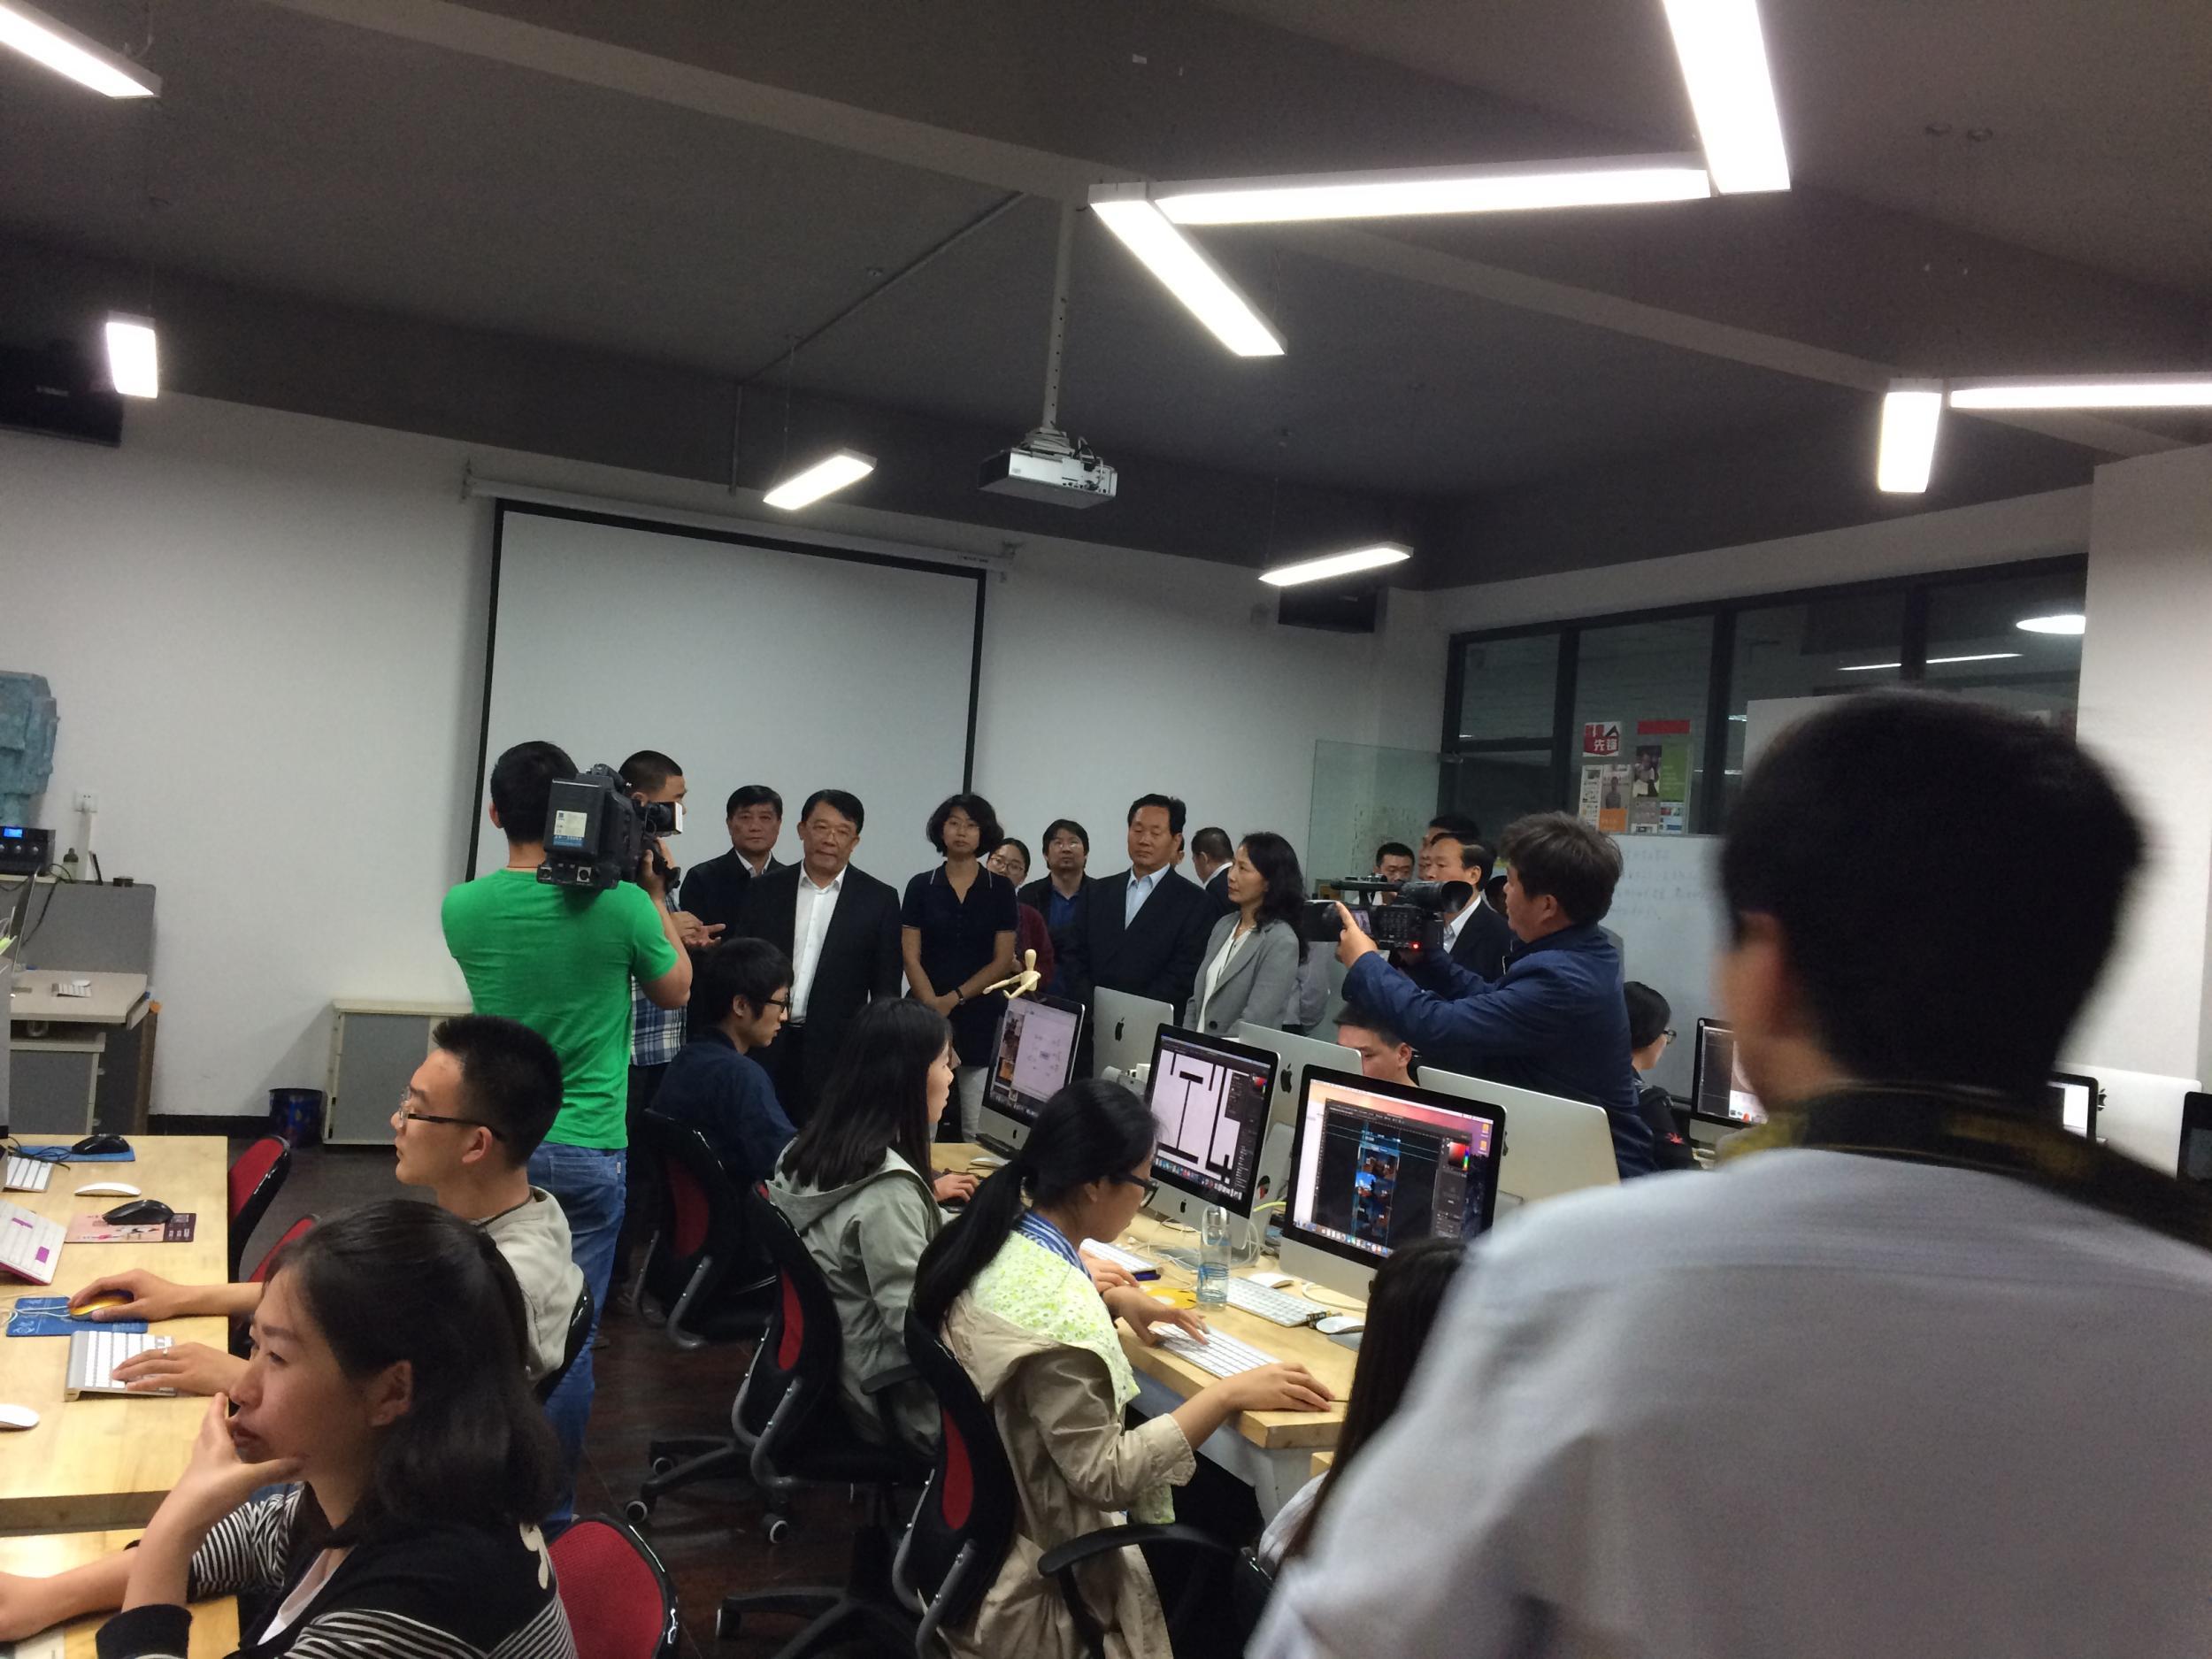 教育部副部长朱之文到达内数字艺术学院参观